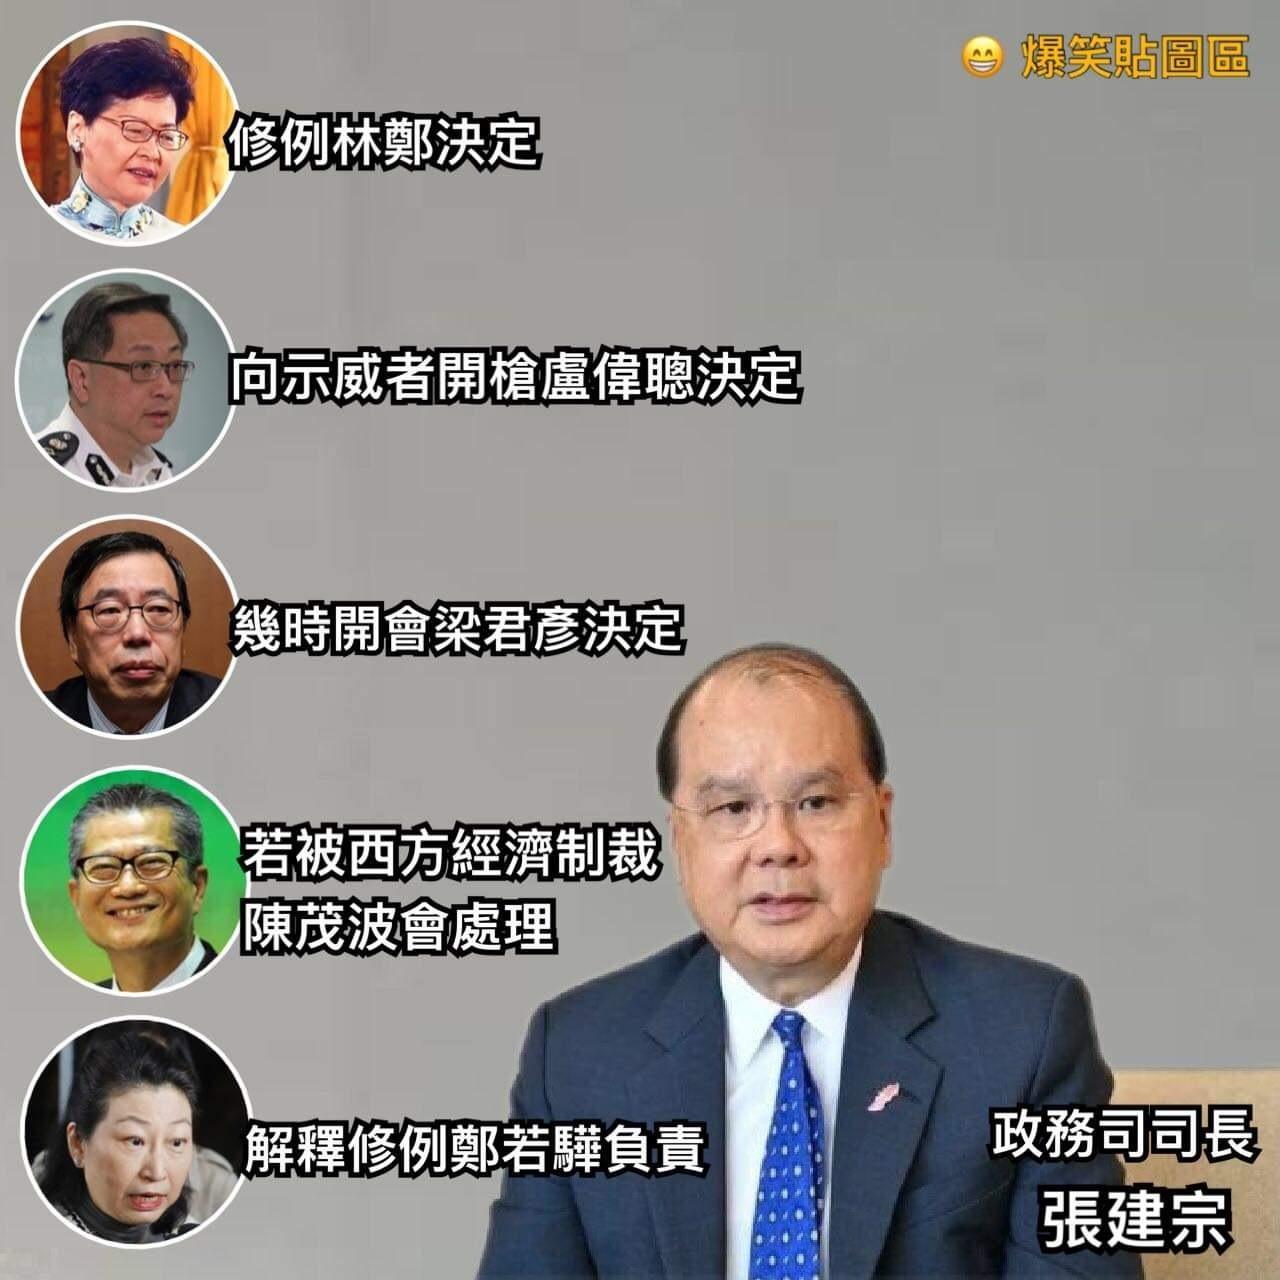 「張建宗 負責 香港仔」的圖片搜尋結果